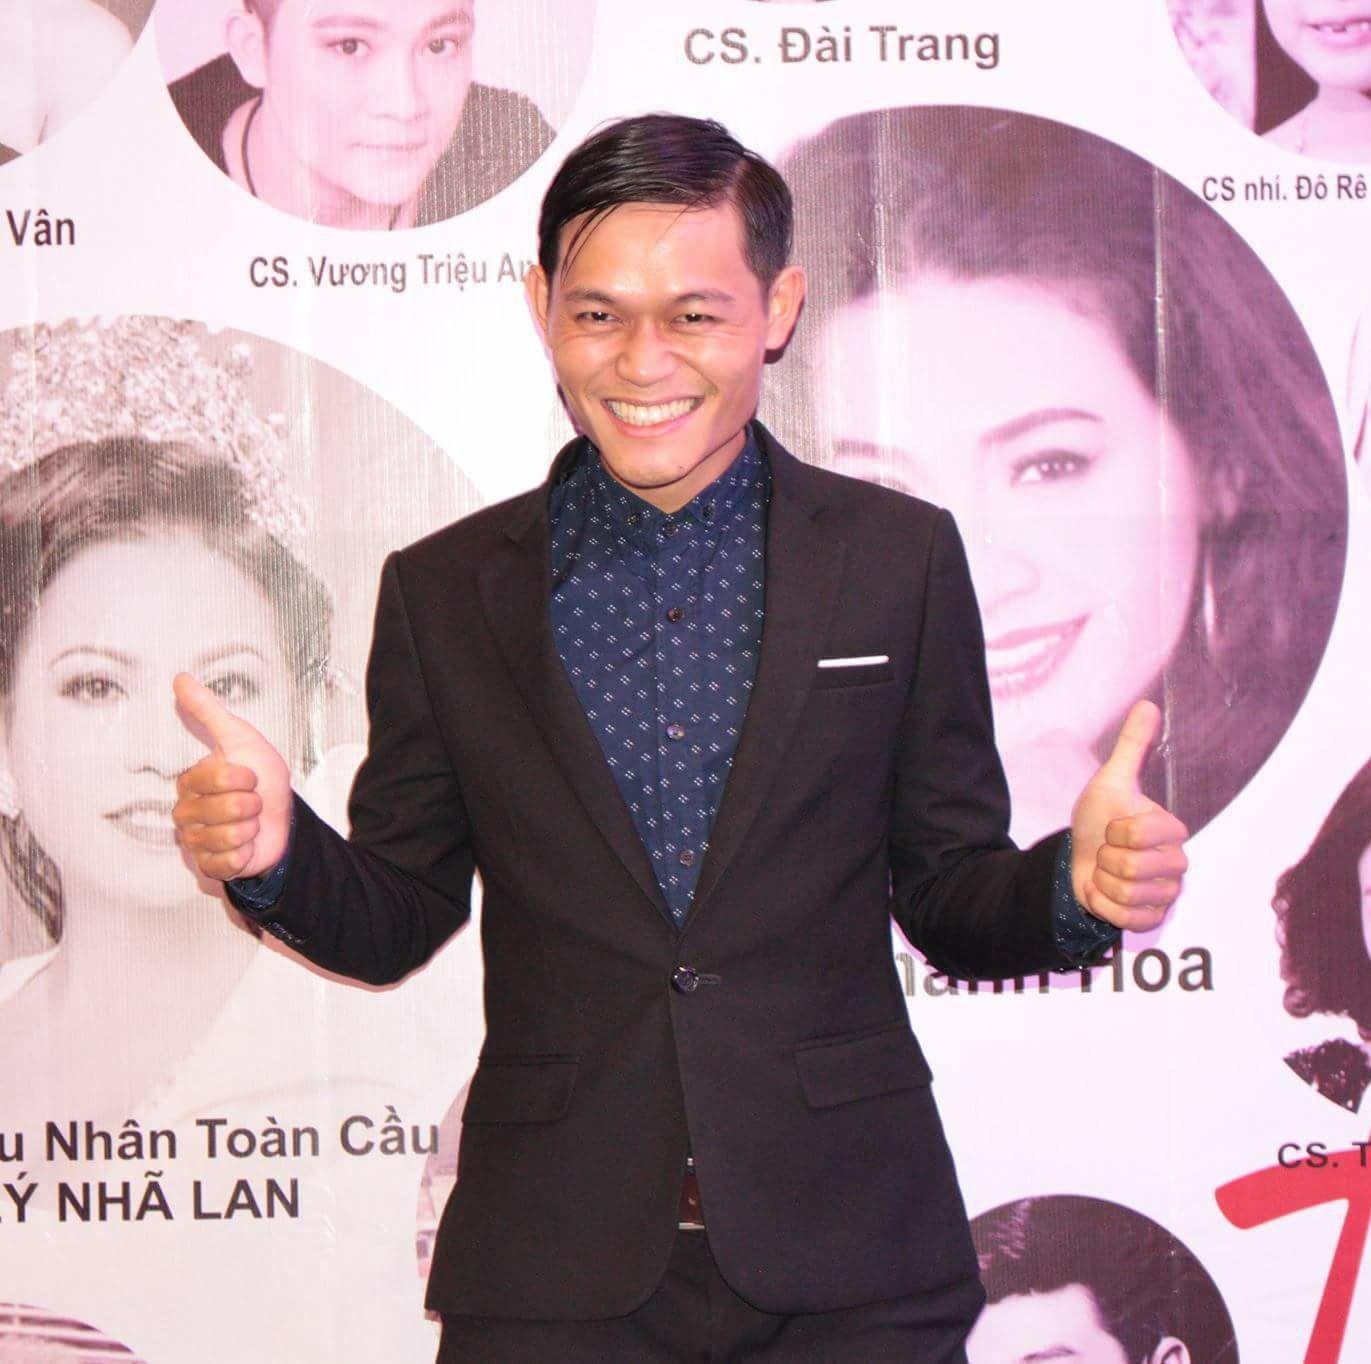 """Chàng trai fan cuồng"""" trong talkshow với Jack Ma tiết lộ: Bạn bè ai cũng nói tôi giống ông ấy! - Ảnh 7."""